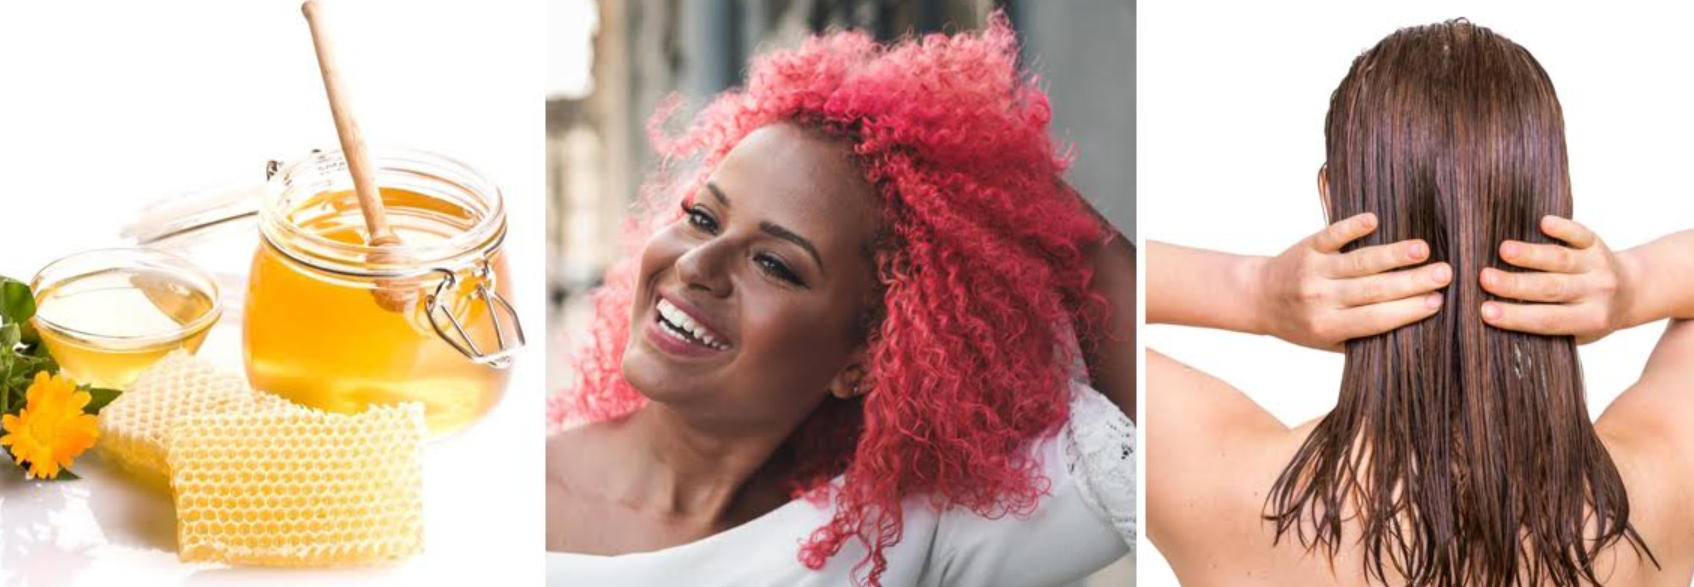 imagens de mulheres com os cabelos hidratados usando mel